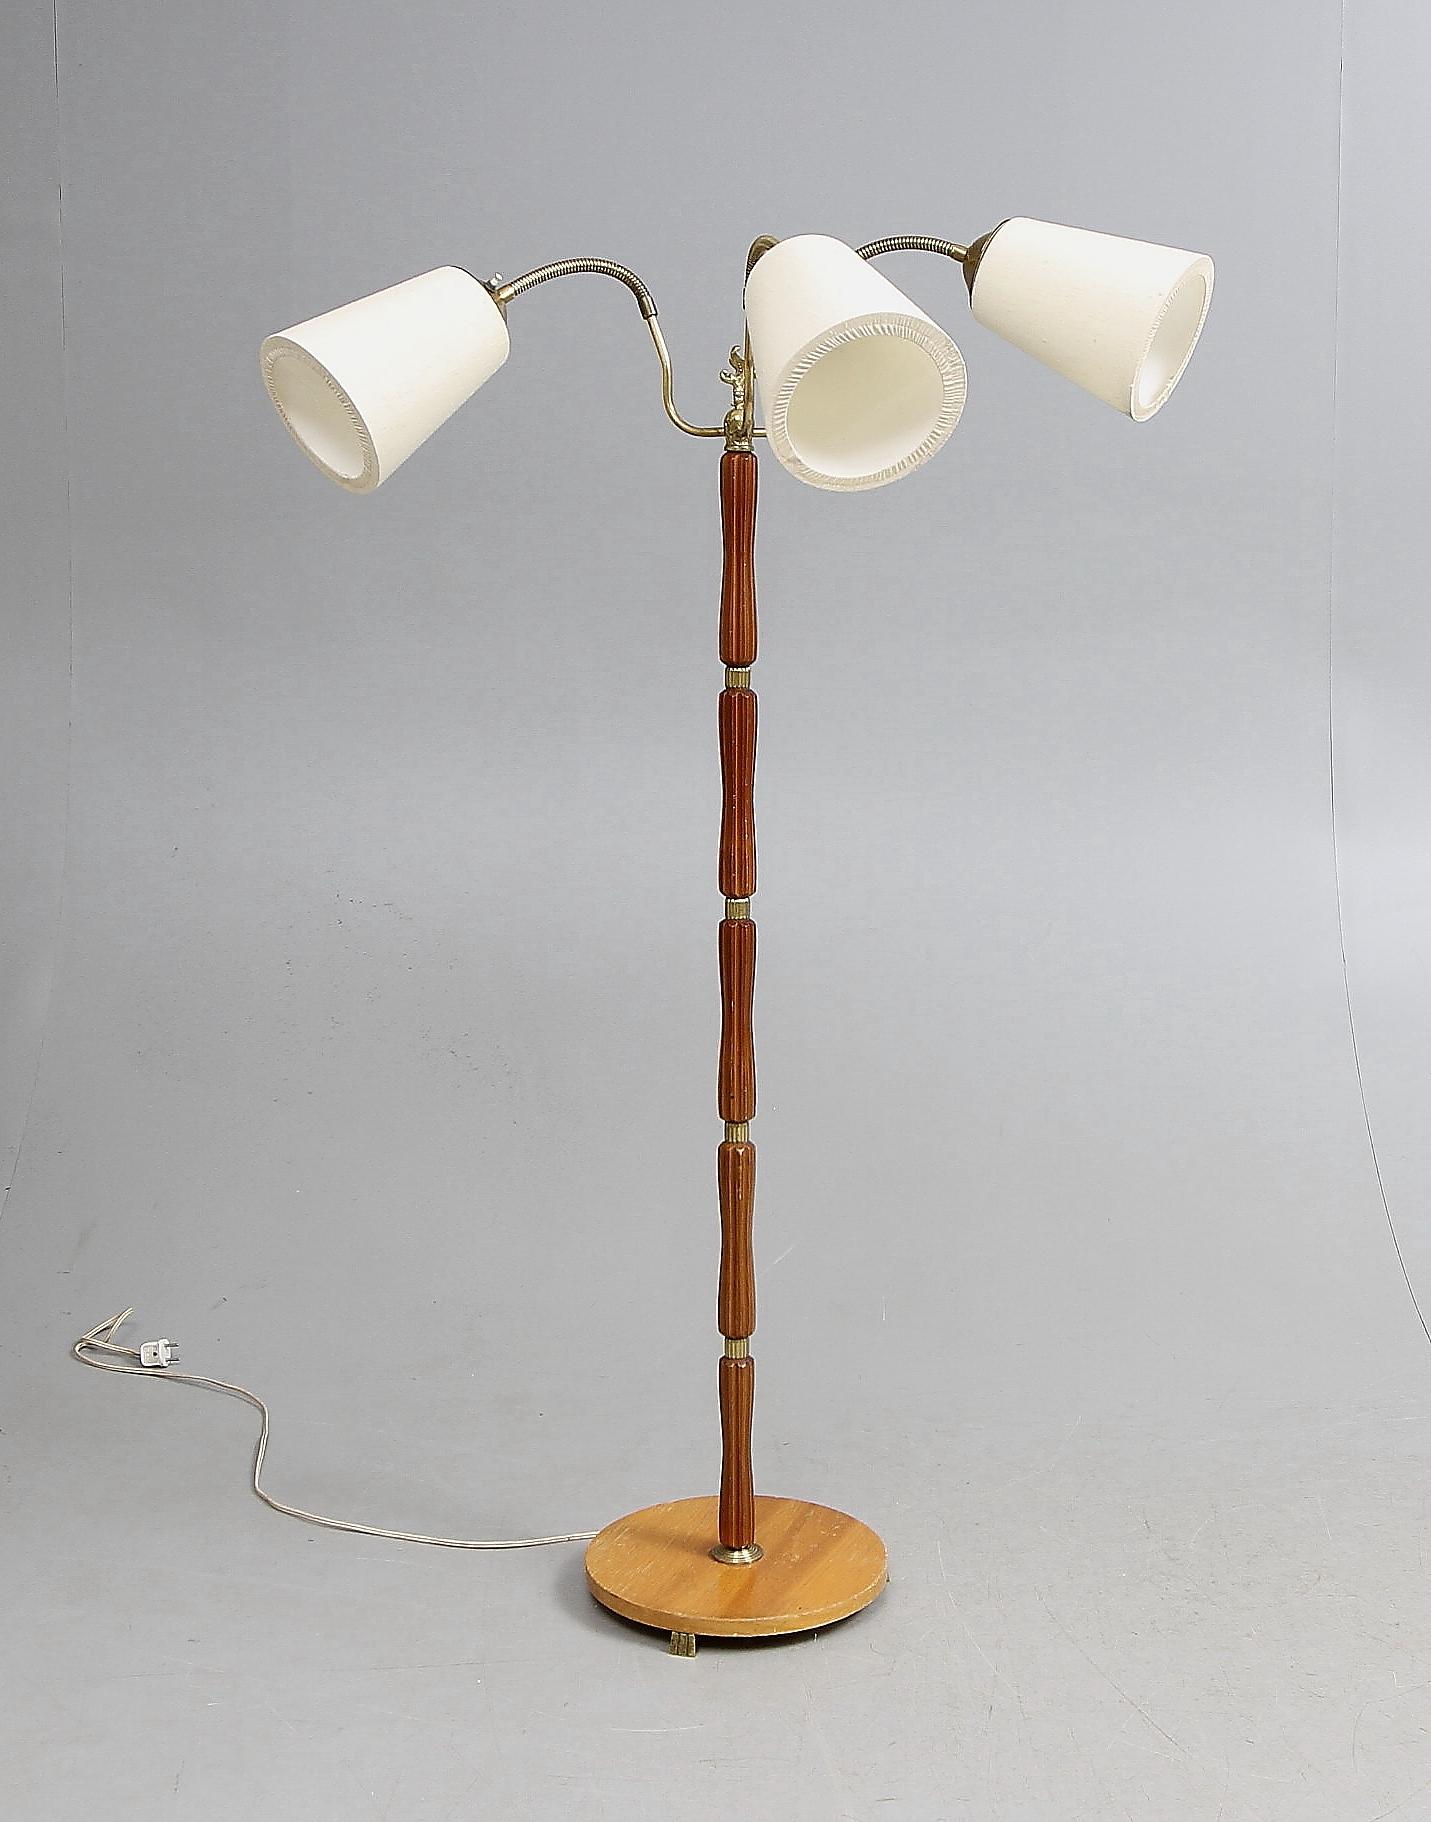 Trearmad Lampa Elegant Trearmad Lampa With Trearmad Lampa Top Luxus Uno Golvlampa Lampa Retro